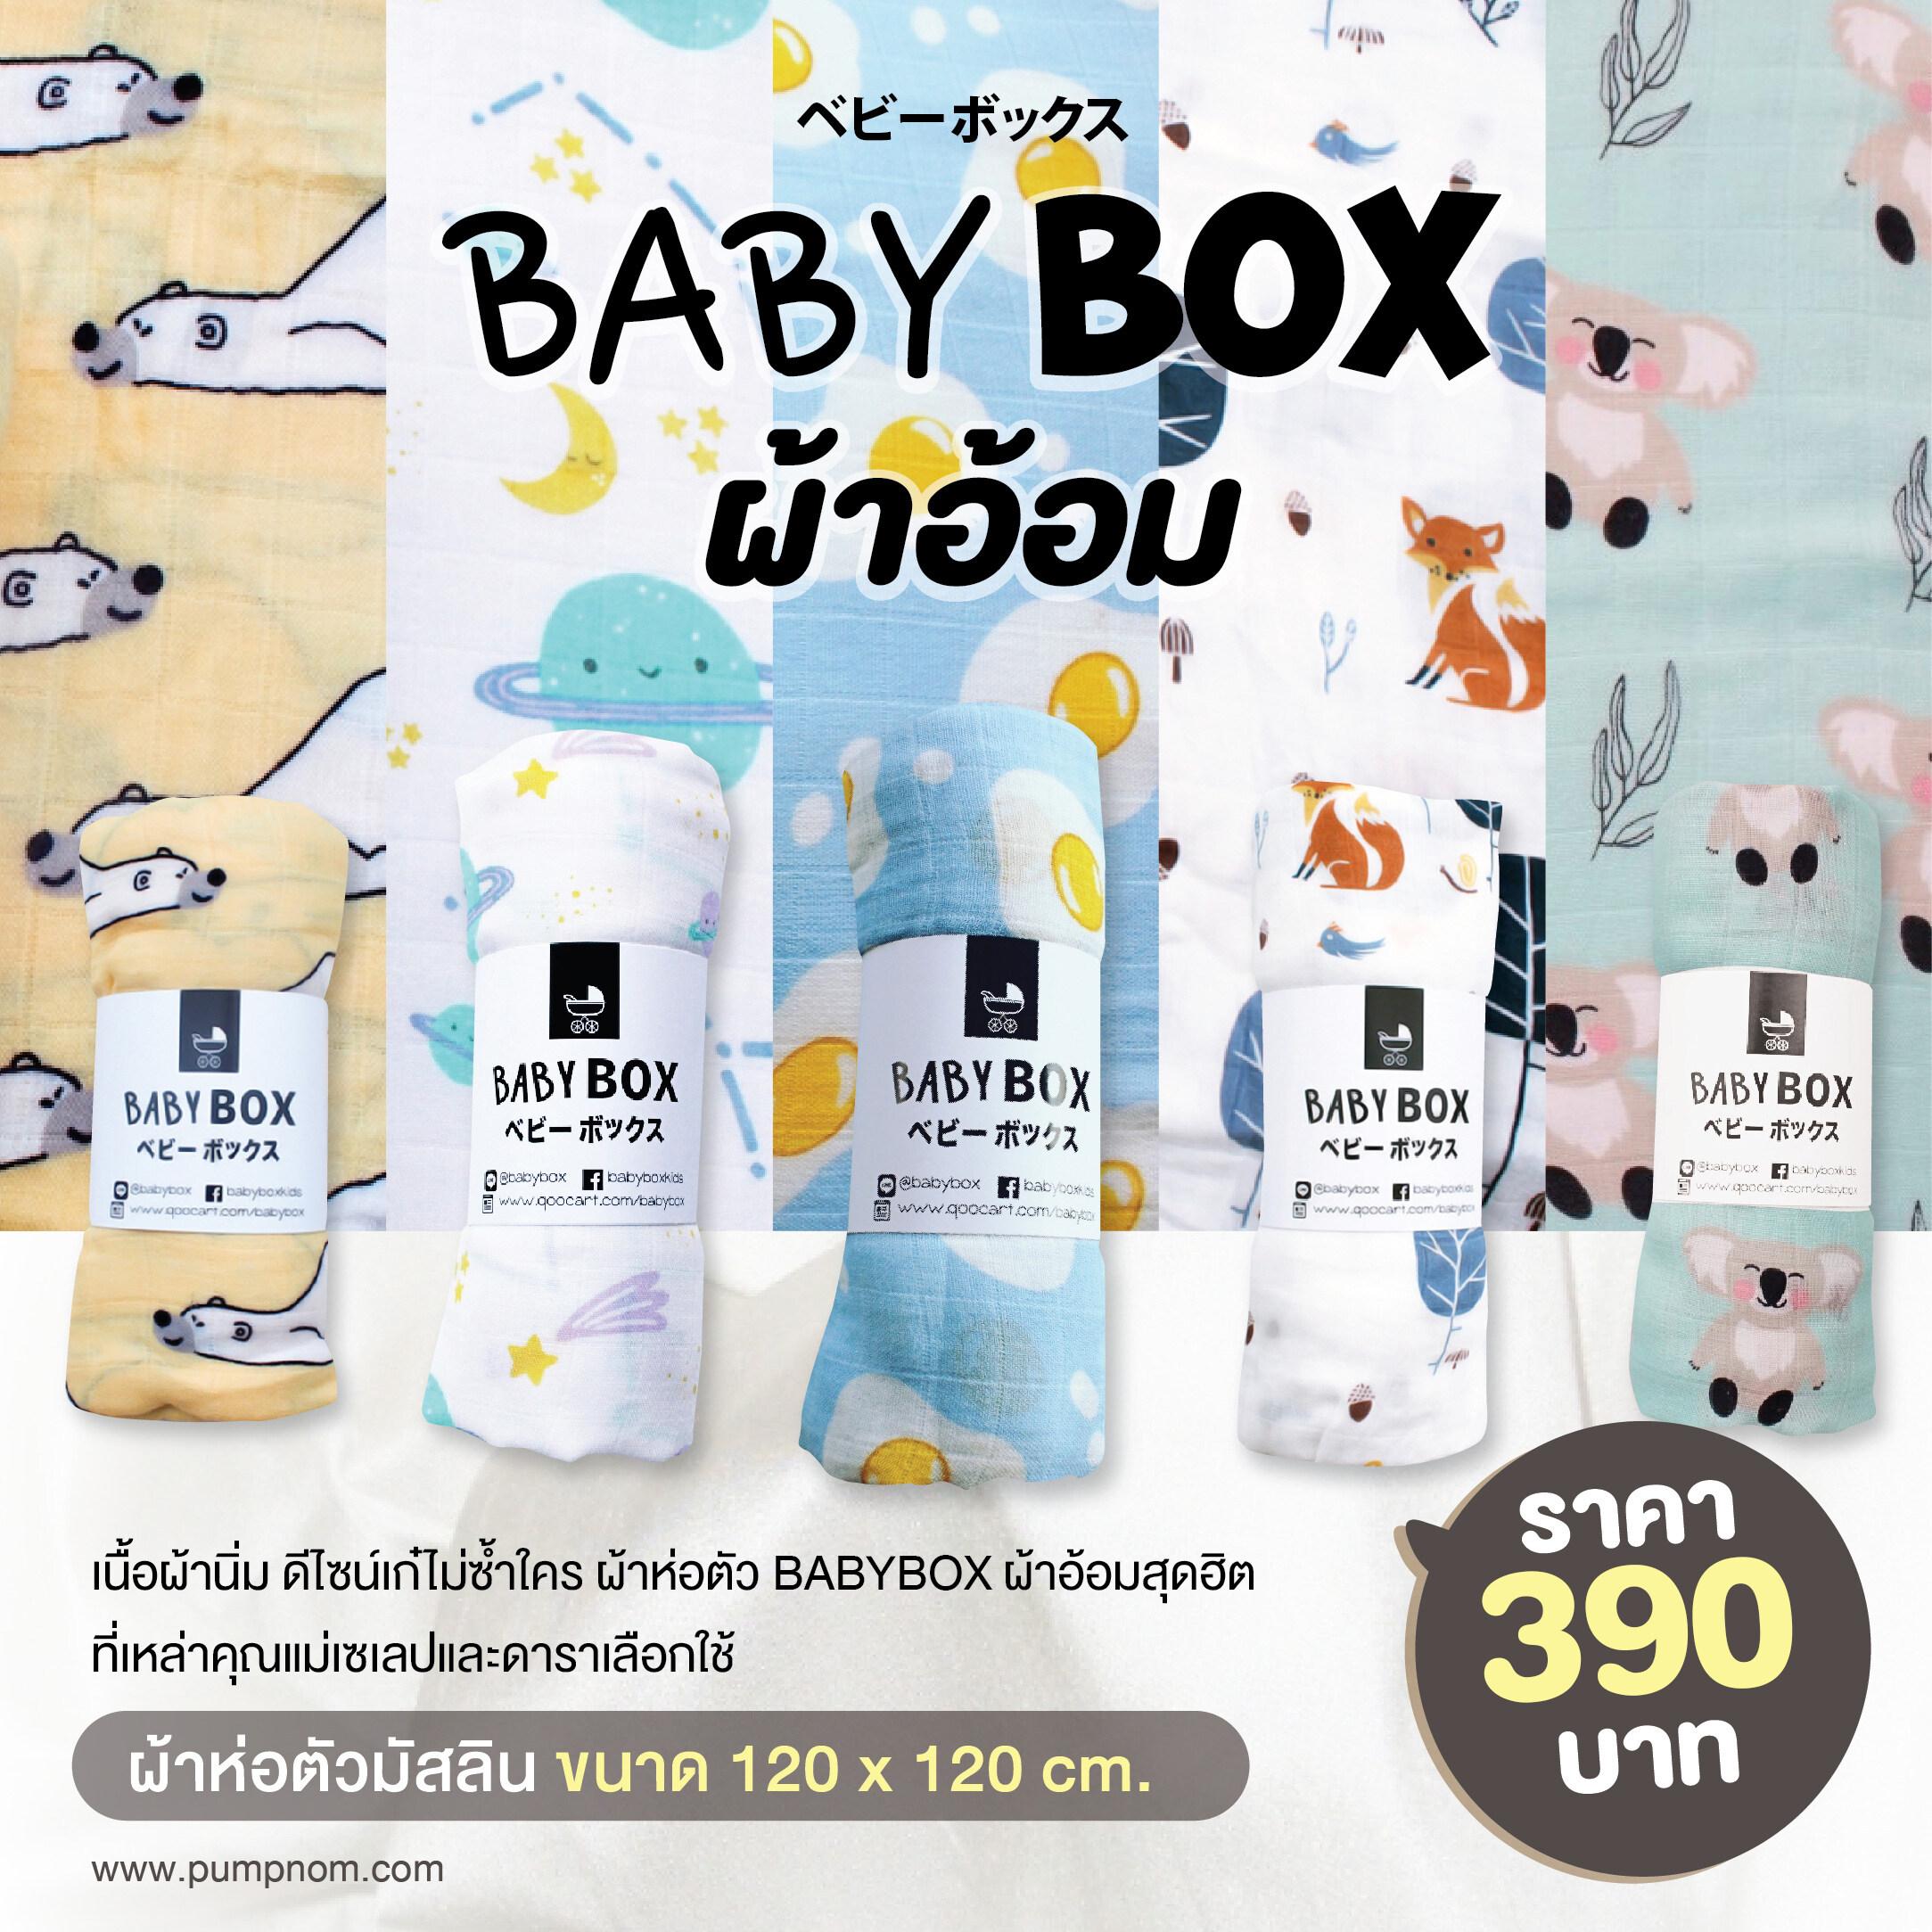 Babybox (เบบี้ บ็อกซ์) ผ้าอ้อม ผ้าห่อตัวมัสลิน ขนาด 120*120cm. อ่อนโยน ไม่ระคายเคืองผิว (1 ผืน)